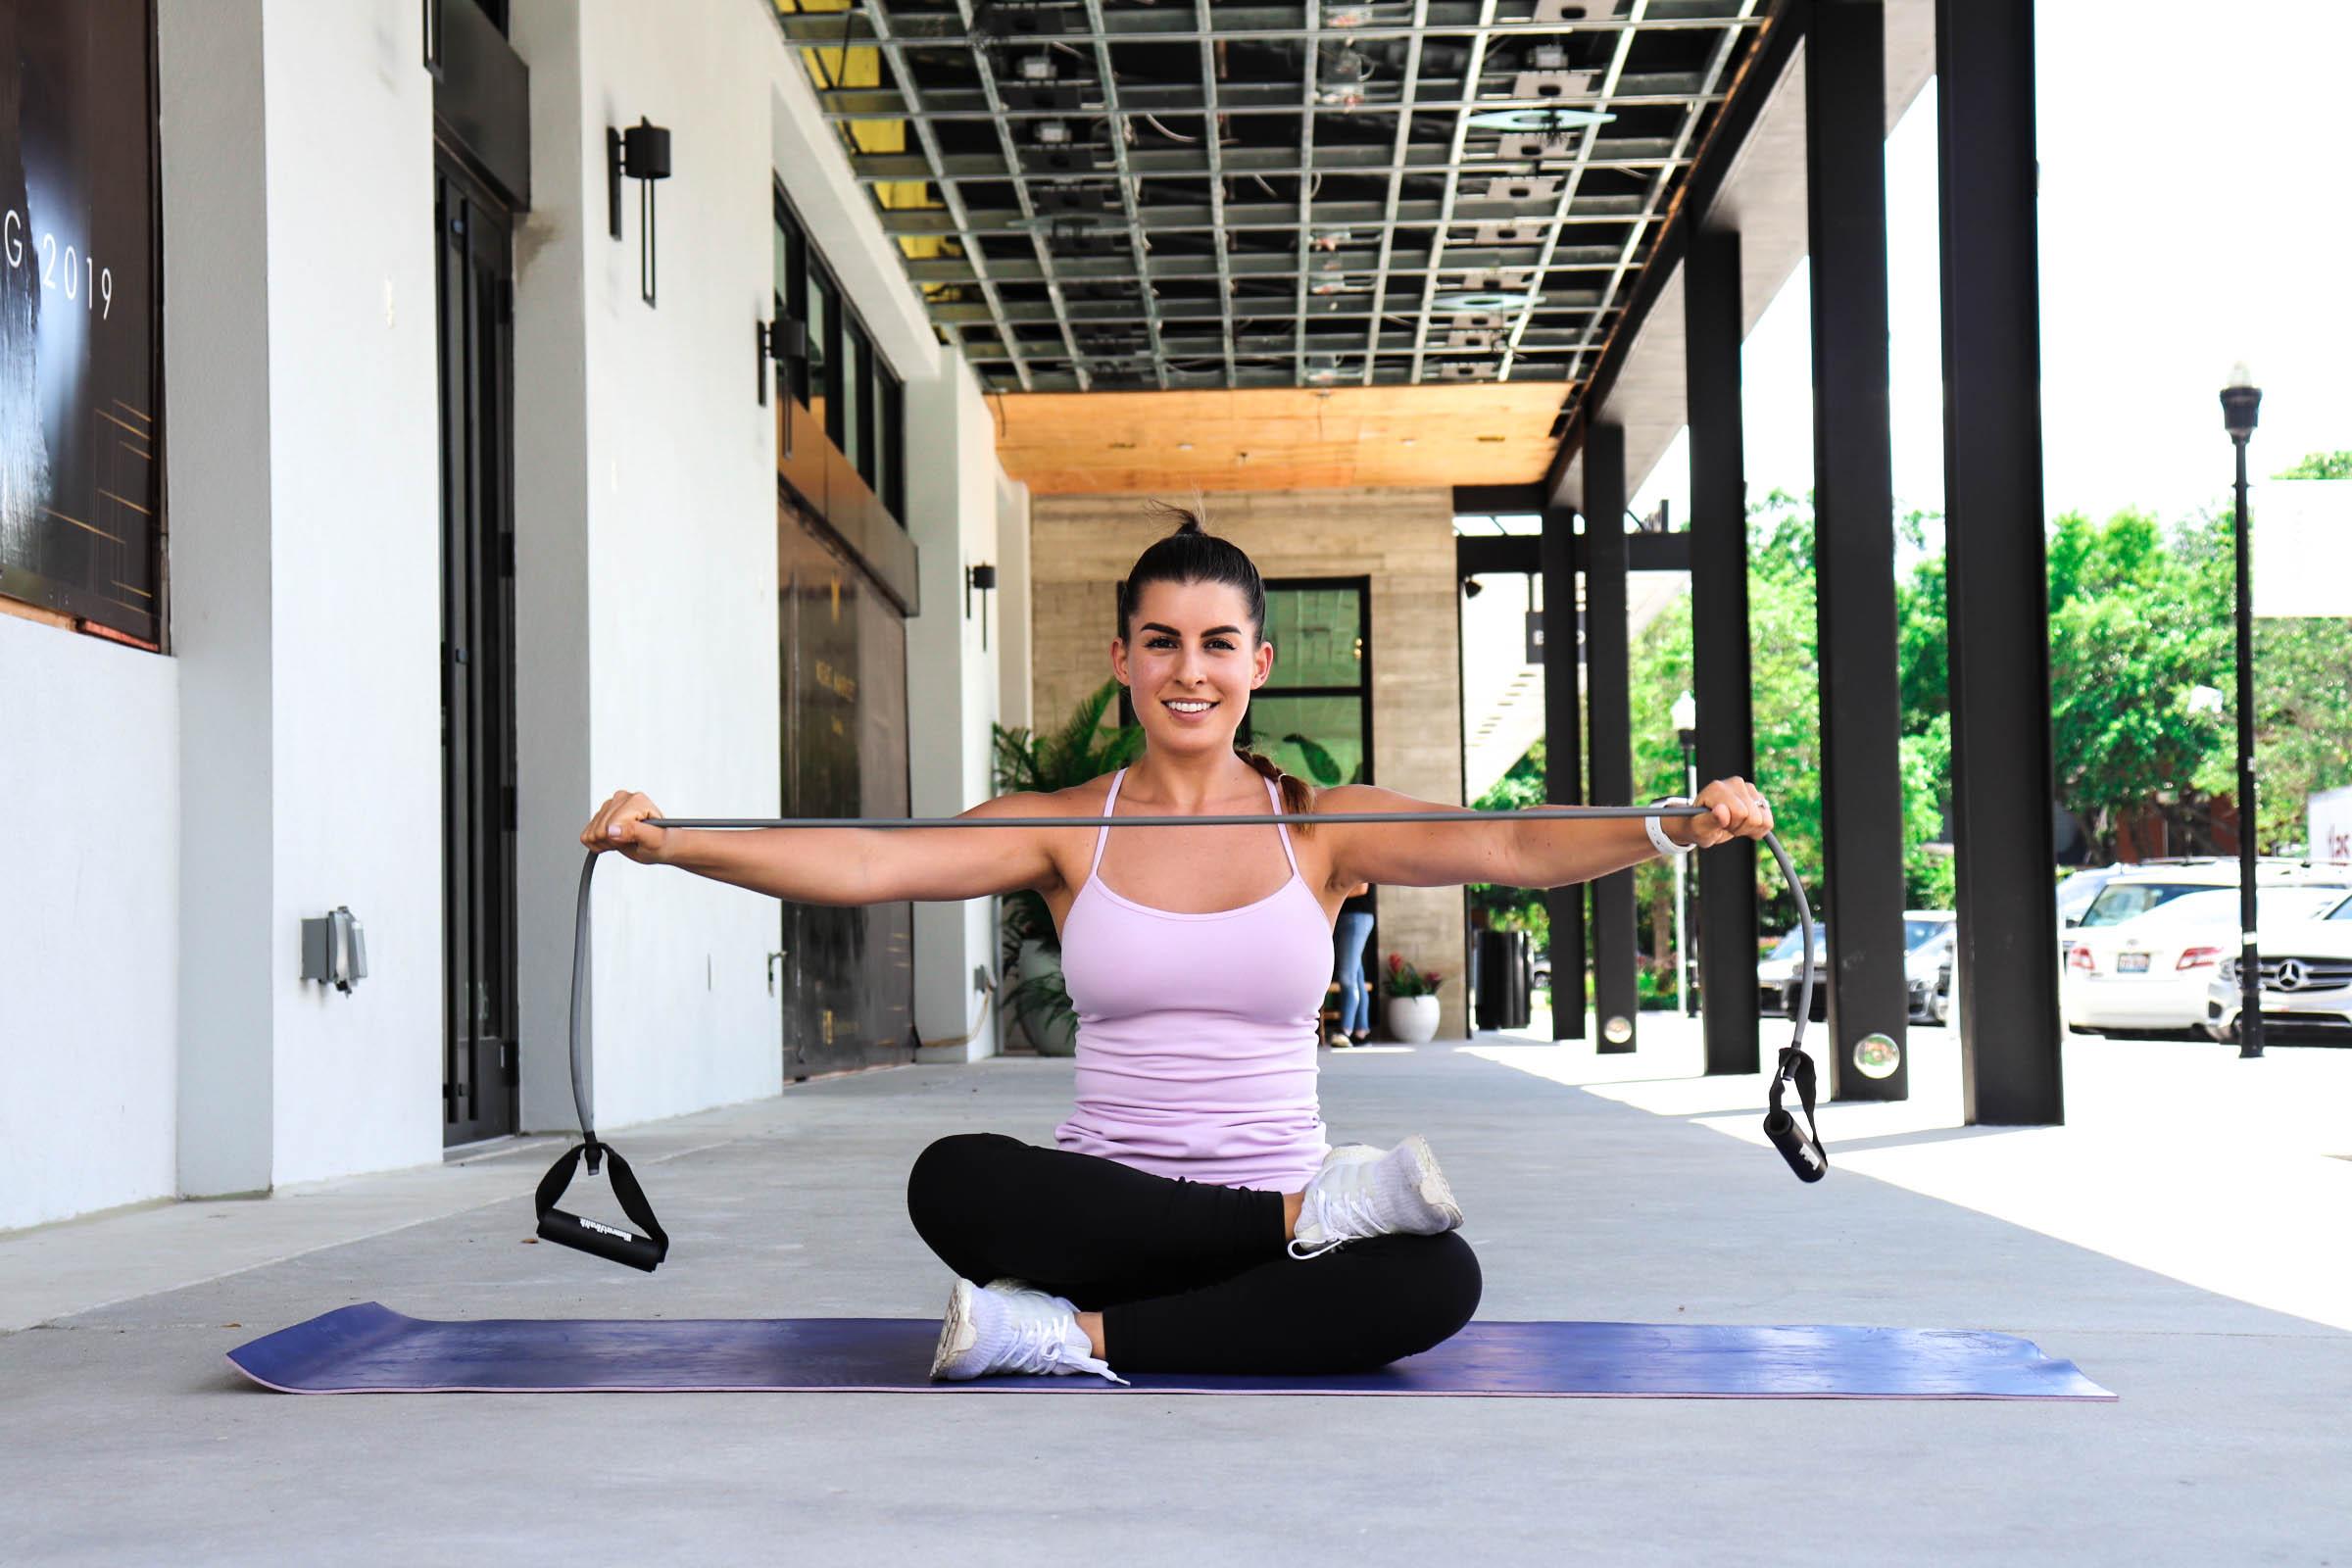 Banded Shoulders workout